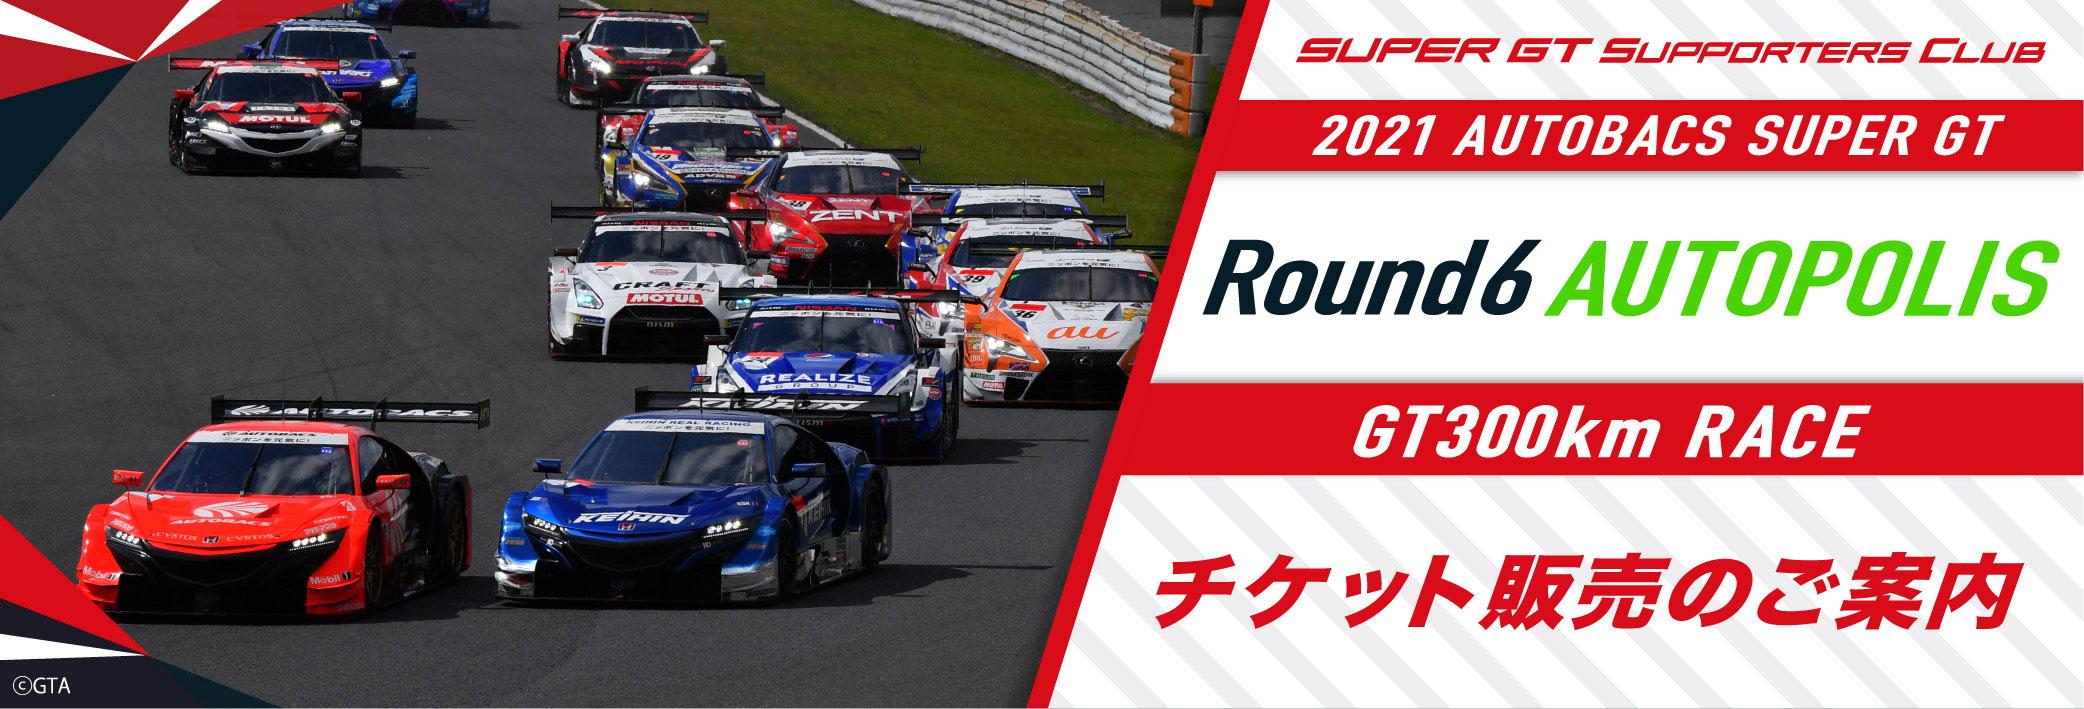 2021 AUTOBACS SUPER GT Round 6 AUTOPOLIS GT 300km RACE チケット販売のご案内